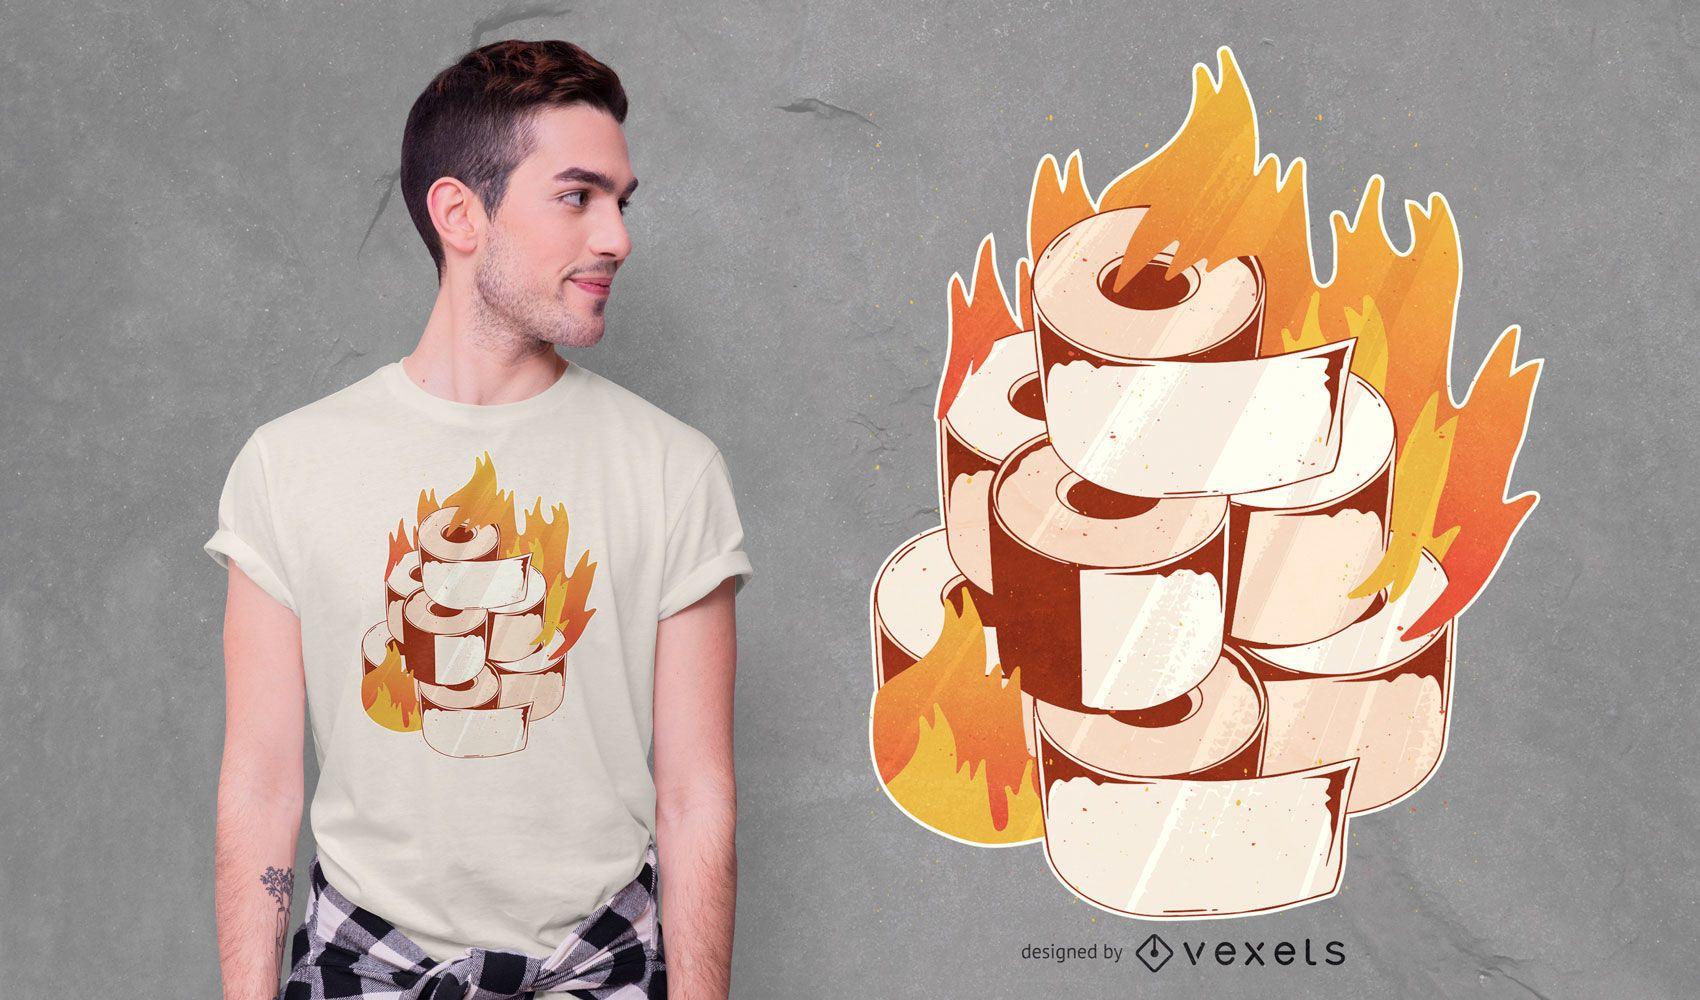 Diseño de camiseta de papel higiénico ardiente